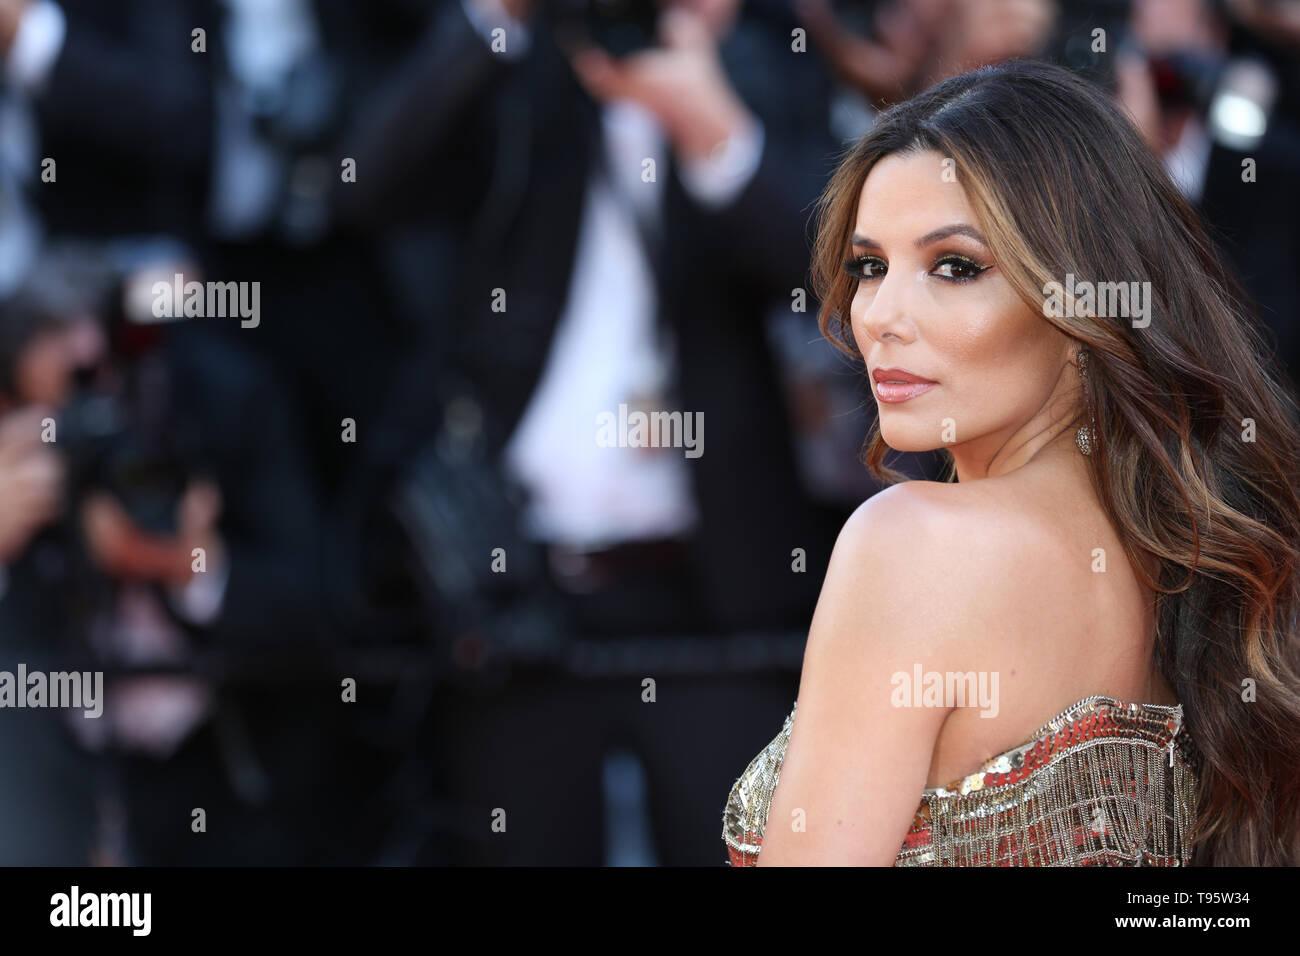 CANNES, Frankreich - 16. Mai: Eva Longoria sorgt sich das Screening von 'Rocket Man' während der 72Nd Cannes Film Festival (Credit: Mickael Chavet/Projekt Daybreak/Alamy Live-Nachrichten) Stockfoto